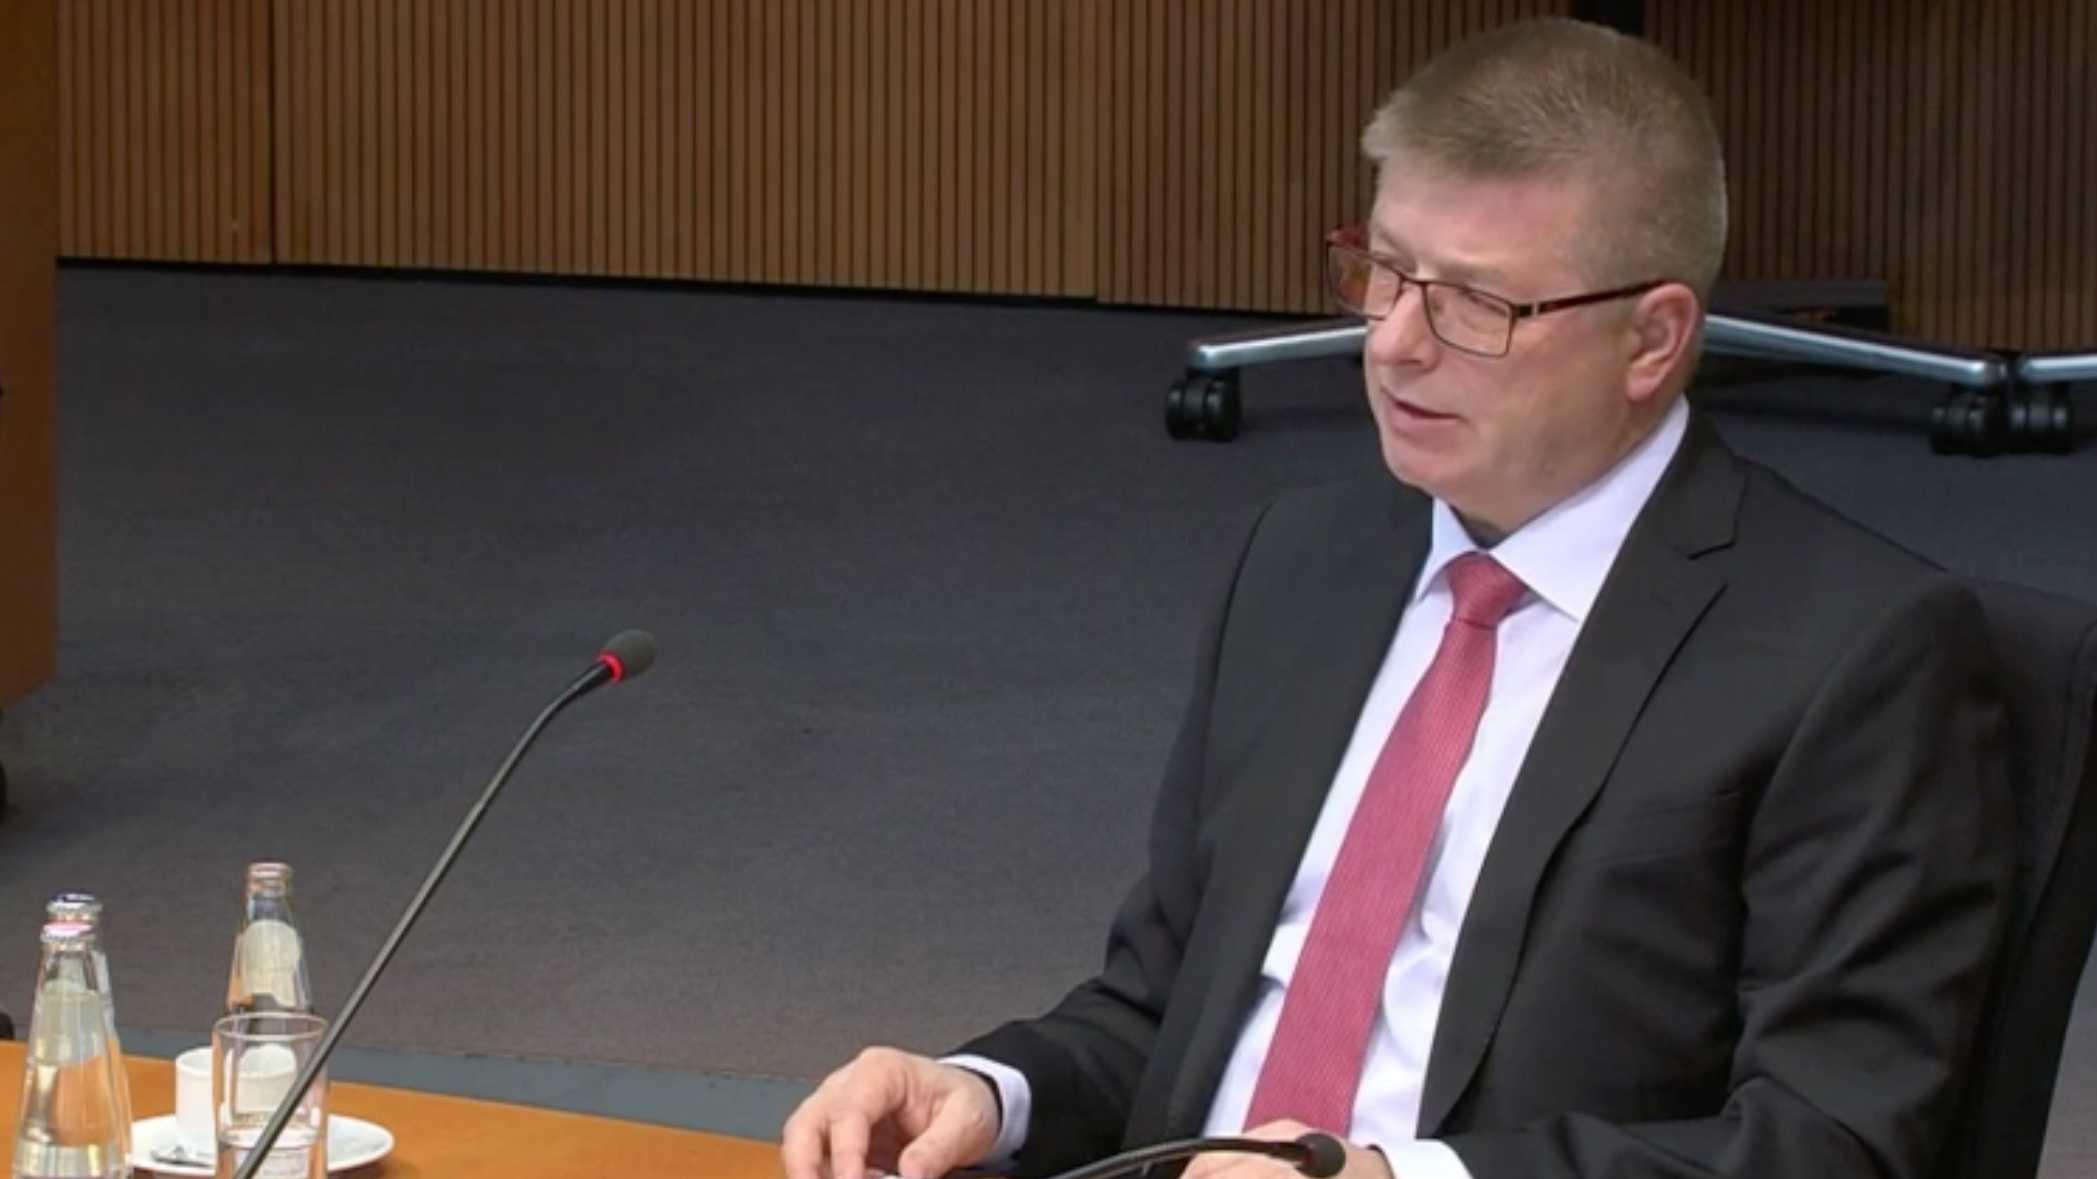 Neuer Verfassungsschutzchef fordert Zugriff auf verschlüsselte Kommunikation